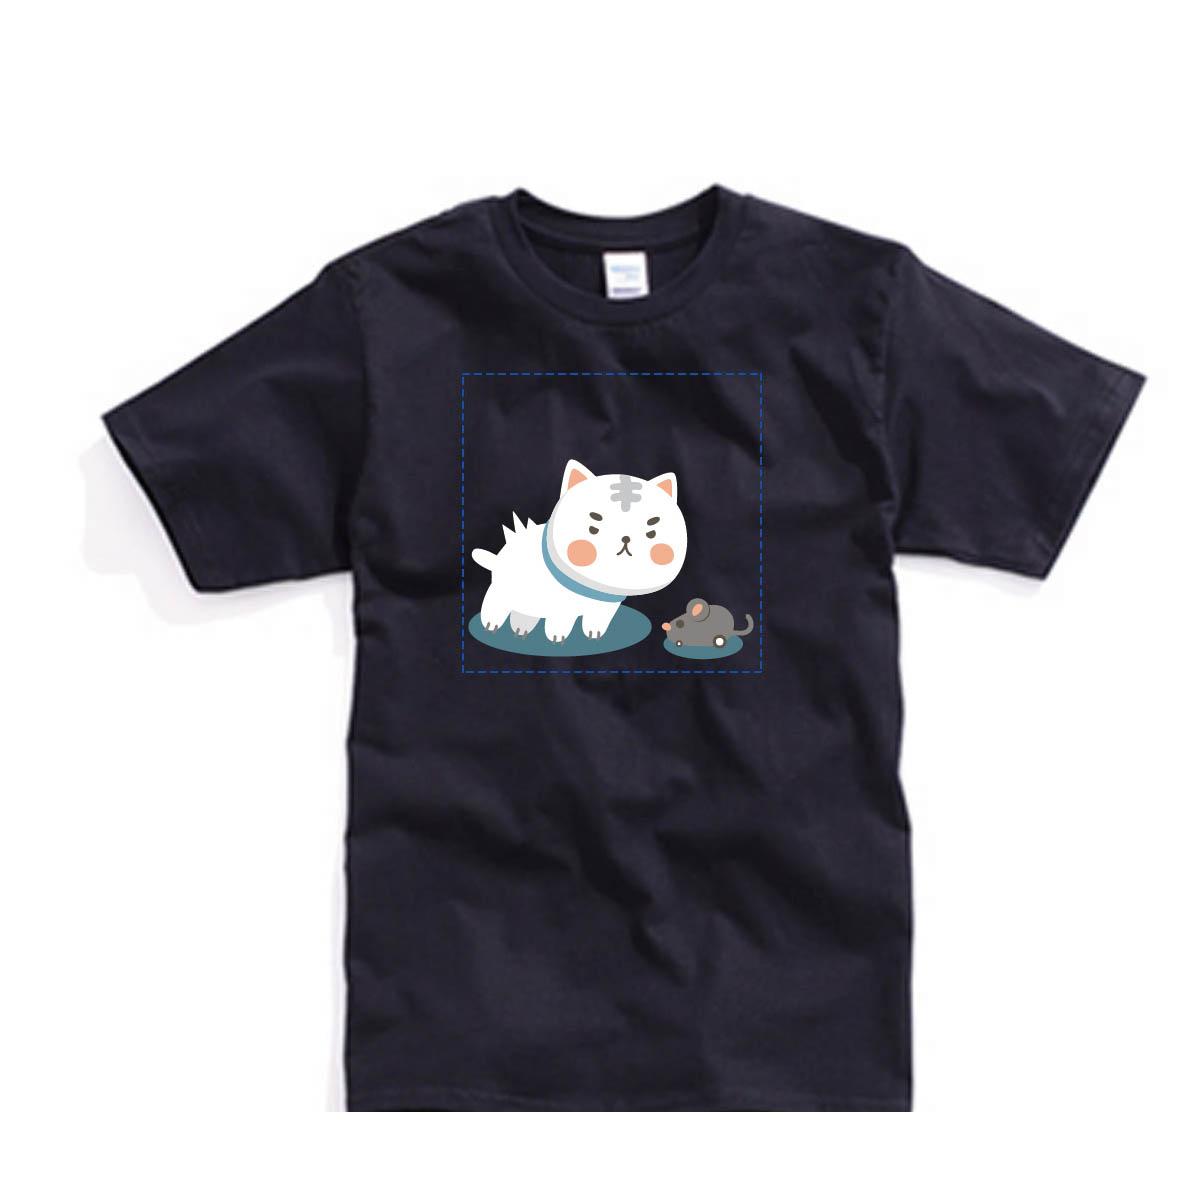 ✨ 喵星2系列✨自己的T恤自己做-色T!100%純棉台製棉T素材!一件也可以做!多件另有優惠!歡迎團體訂做!BSP喵星系001_喵與鼠_G